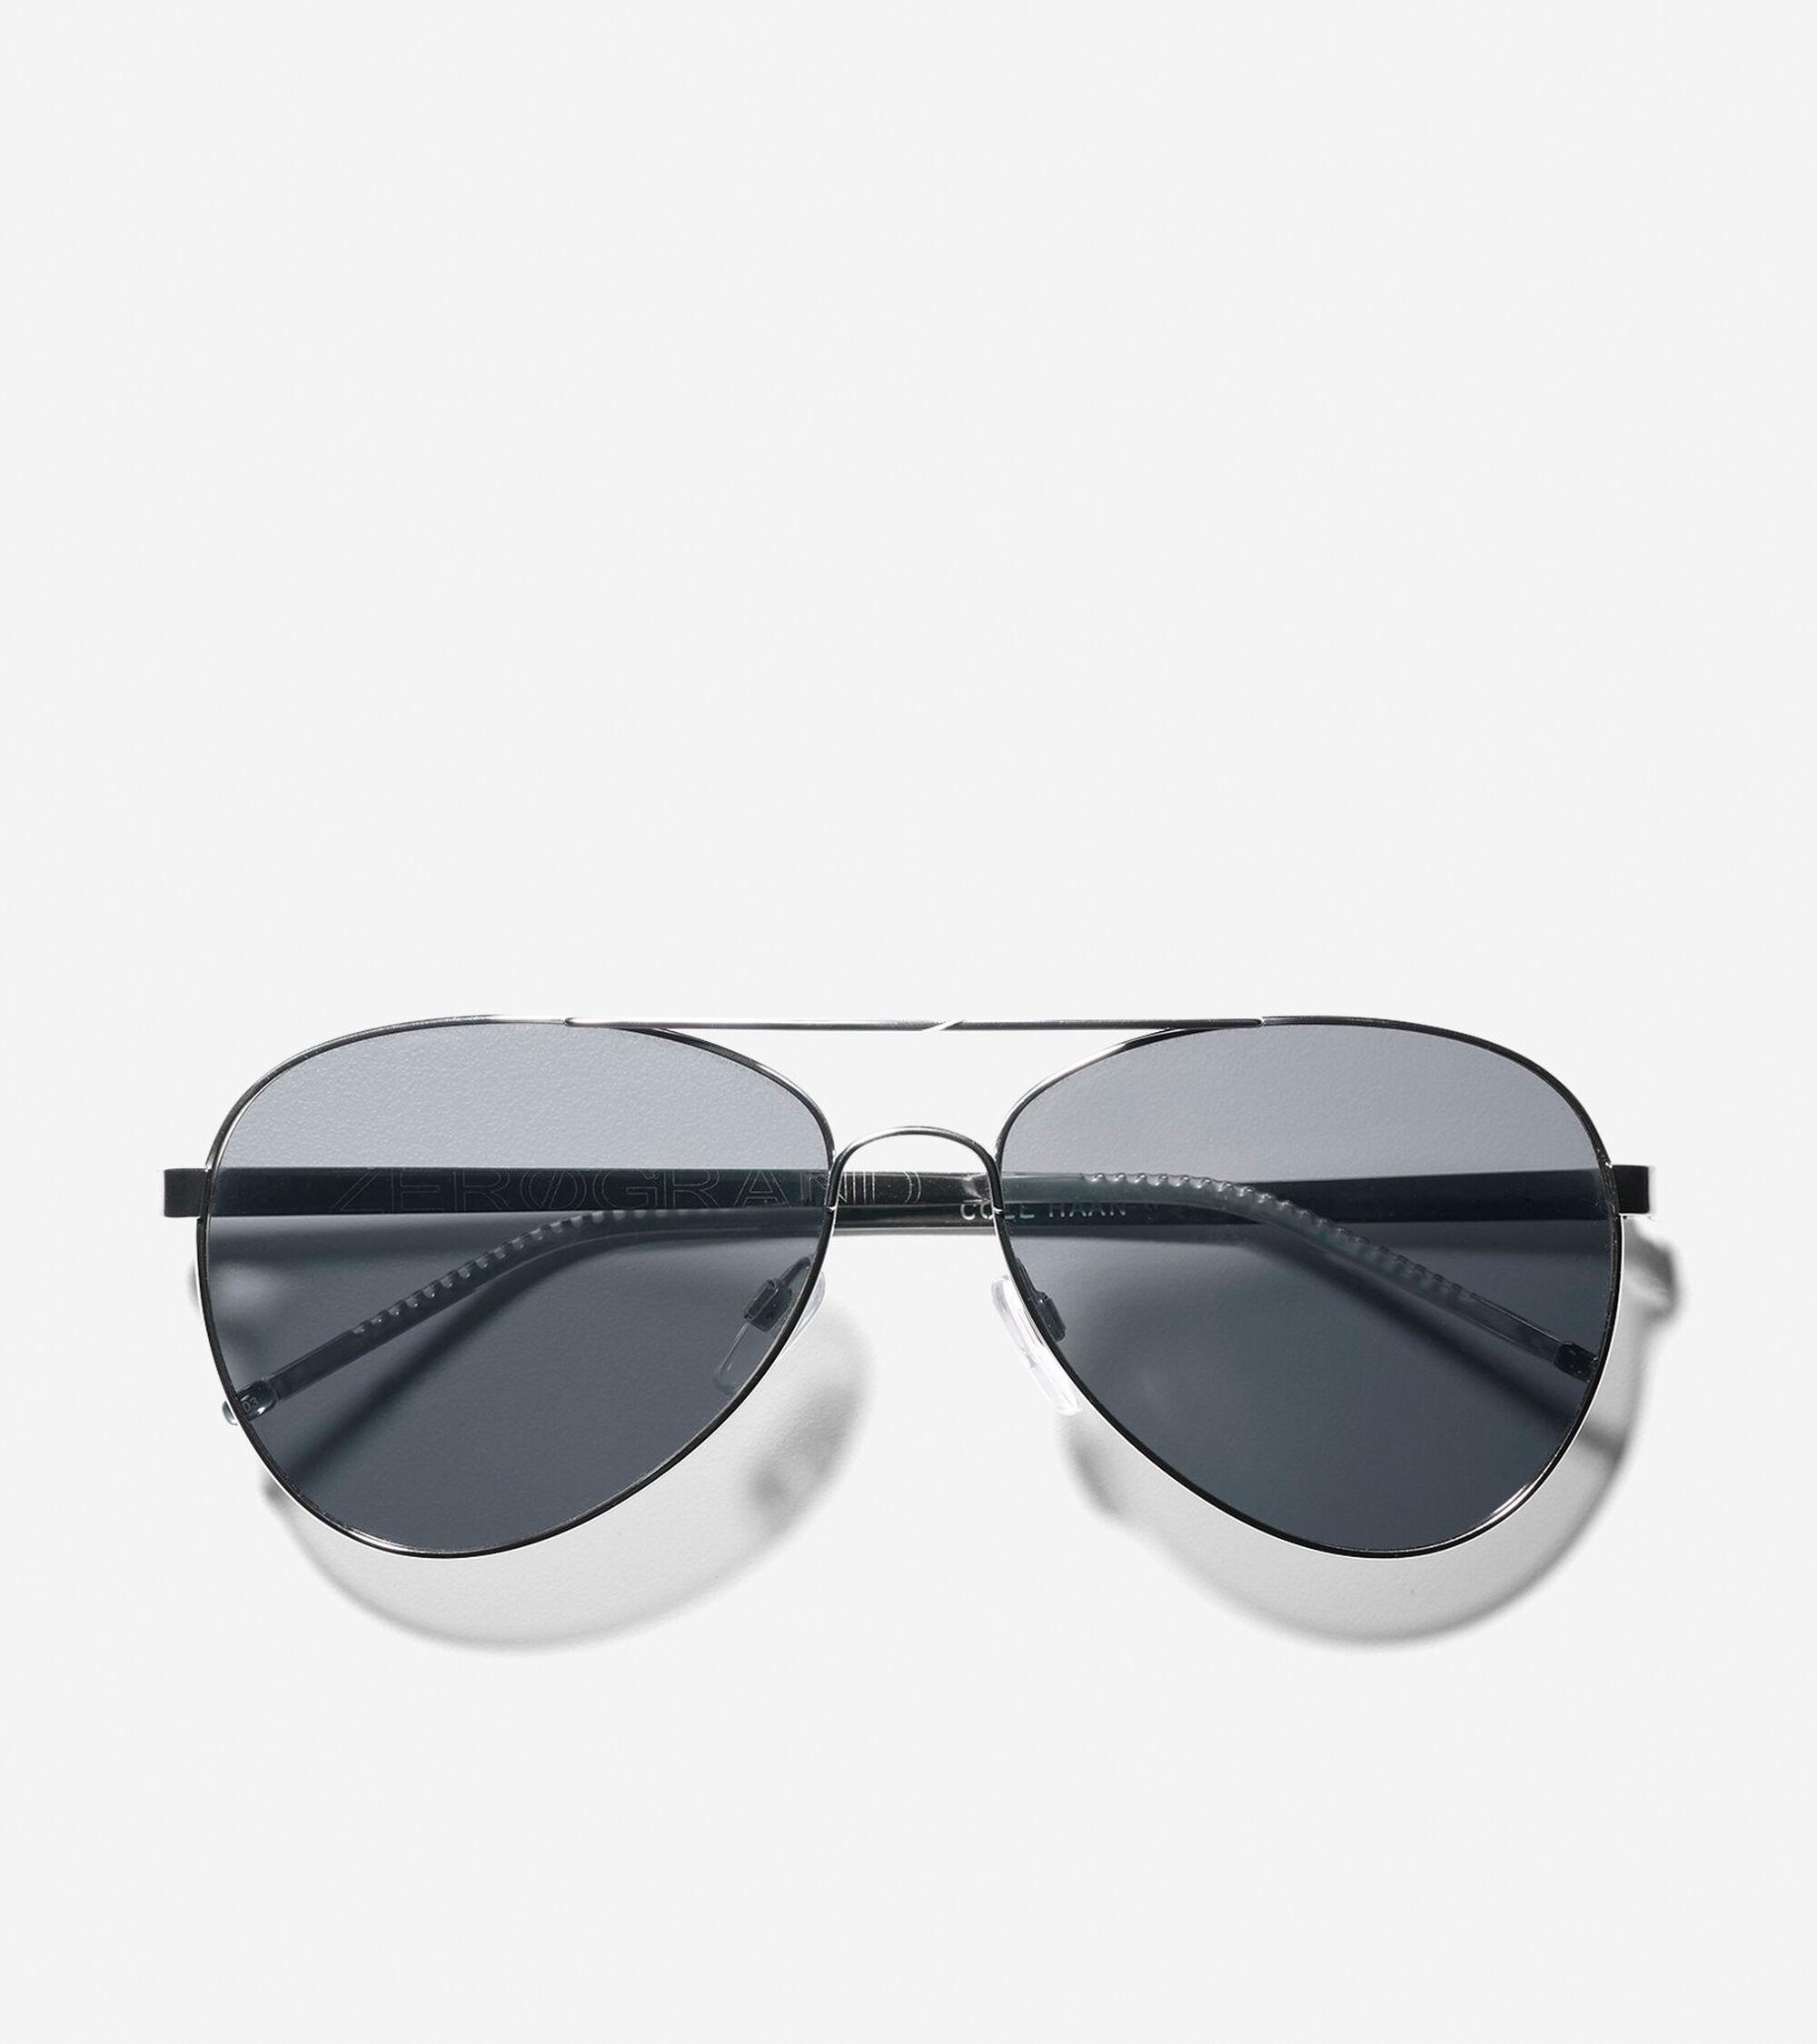 Men\'s Metal Aviator Sunglasses in Silver | Cole Haan